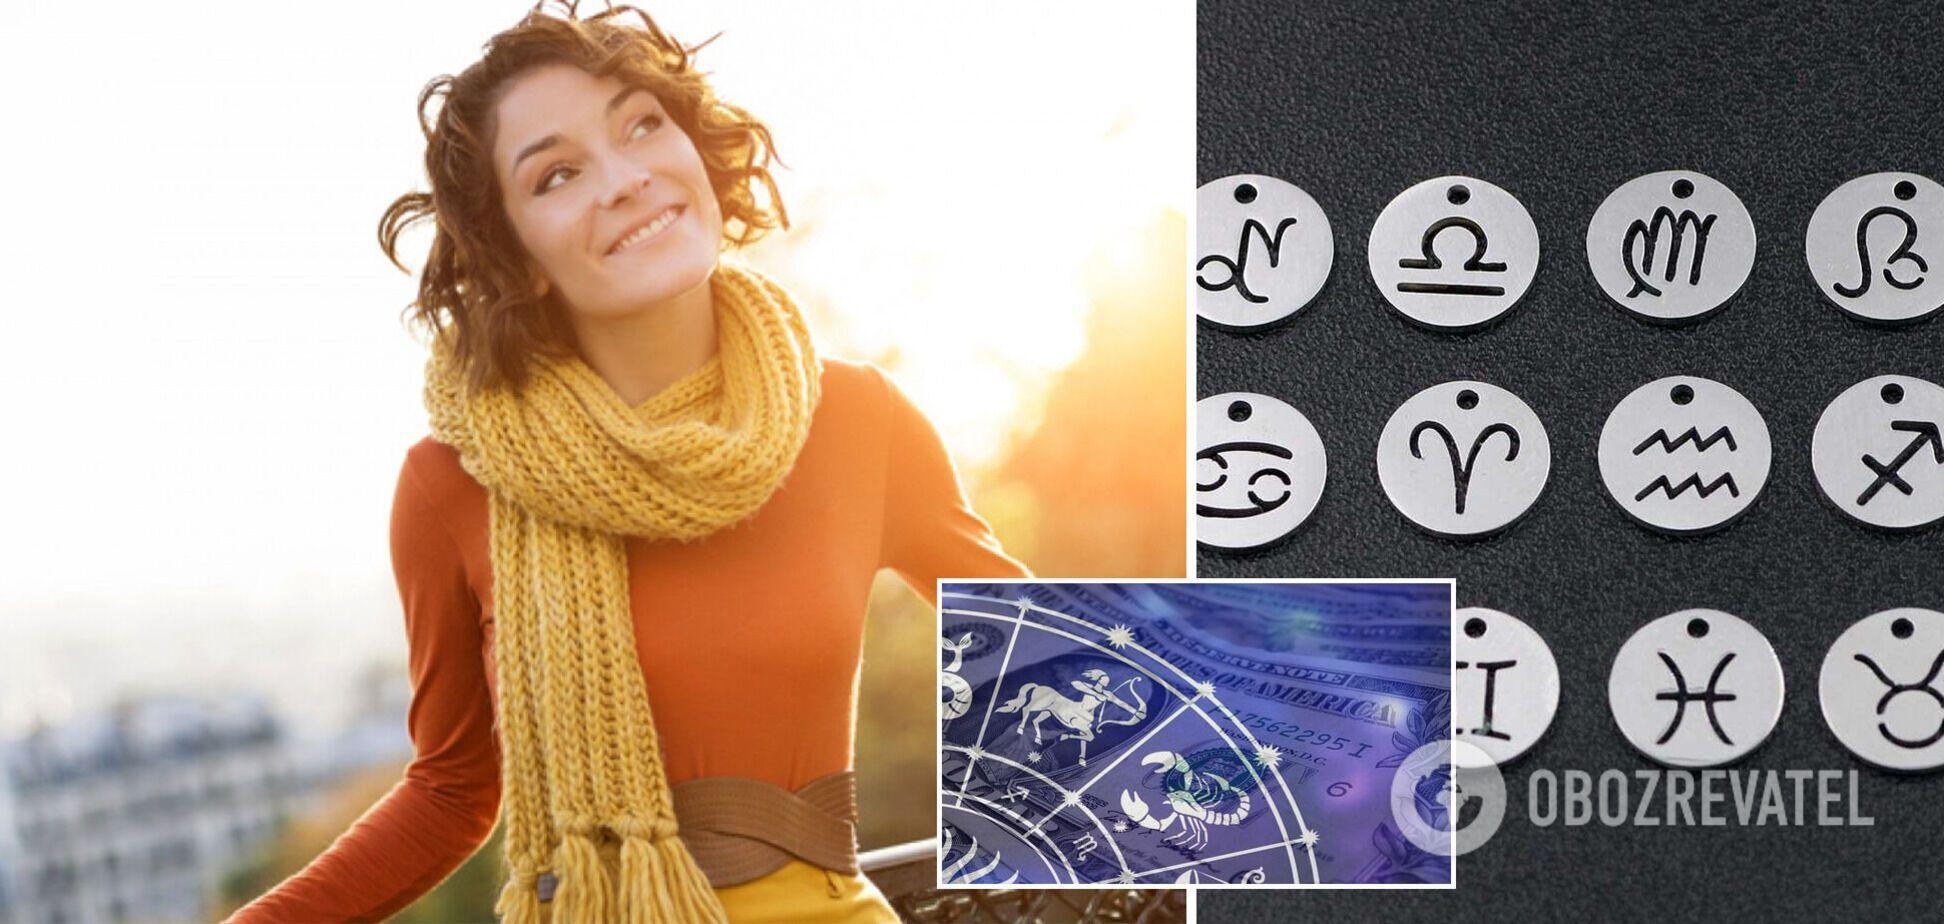 Гороскоп таро на 22 сентября для всех знаков зодиака